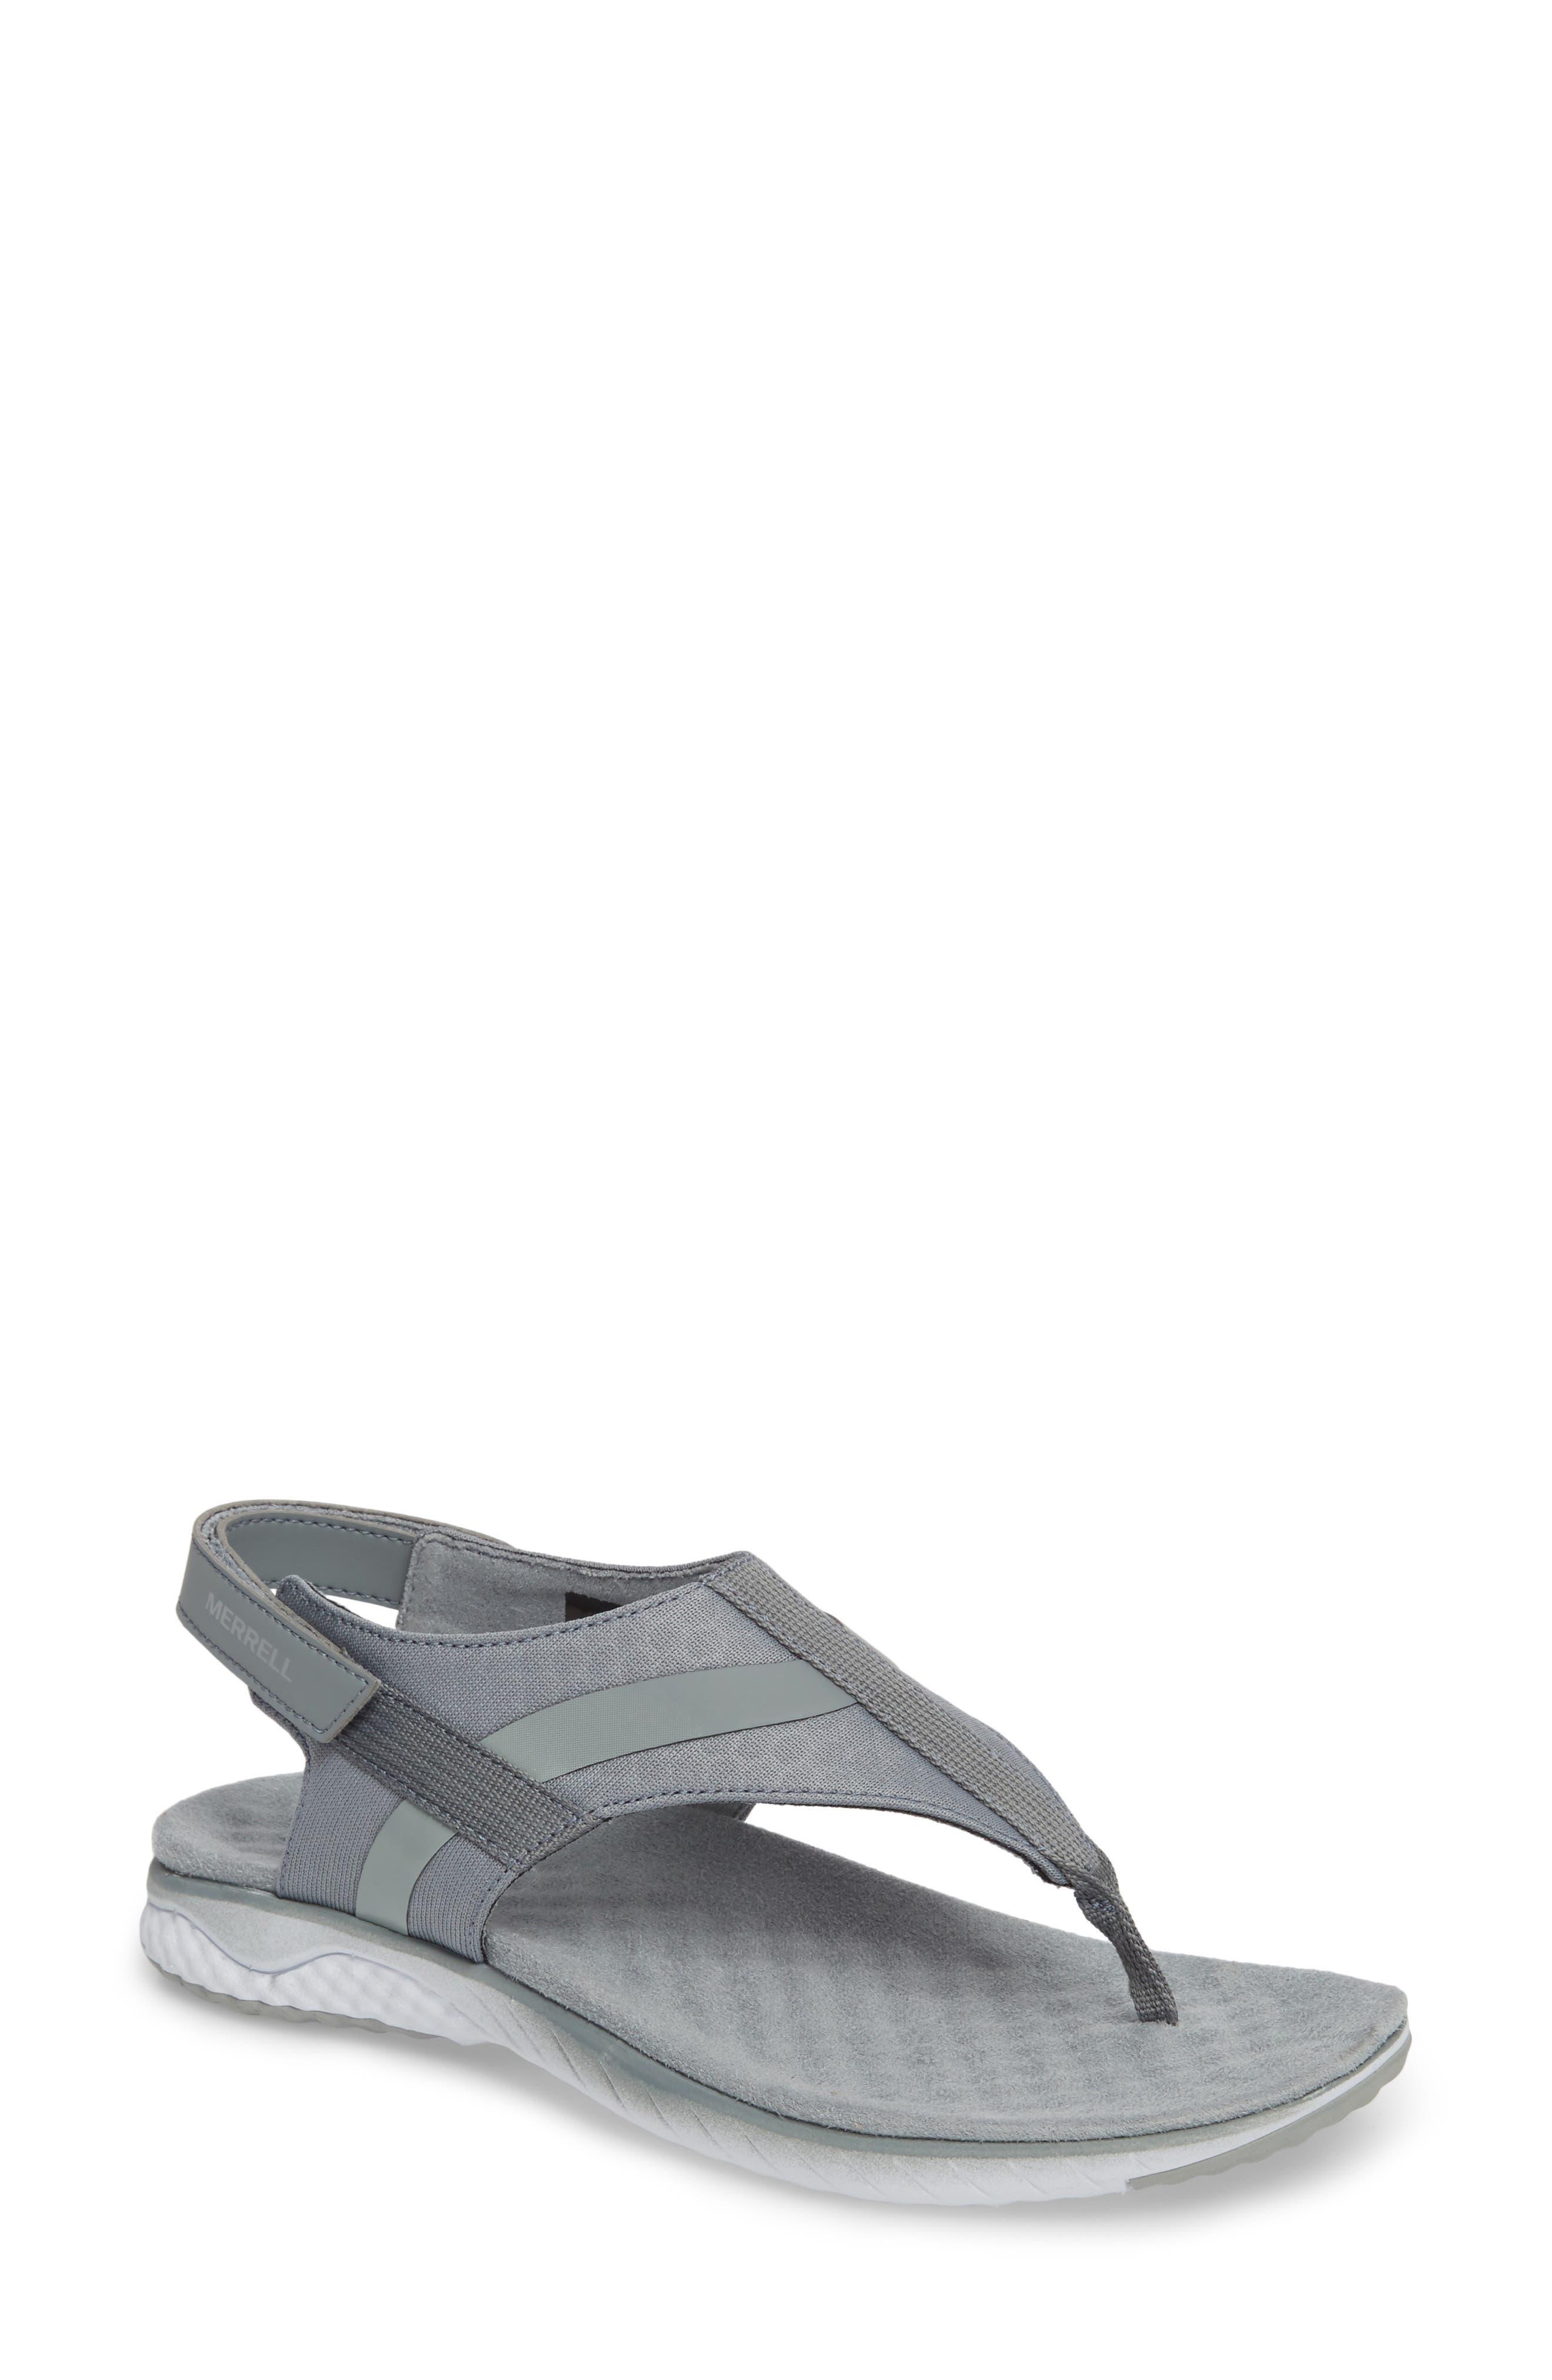 1SIX8 Linna Slide Air Cushion+ Sandal,                             Main thumbnail 2, color,